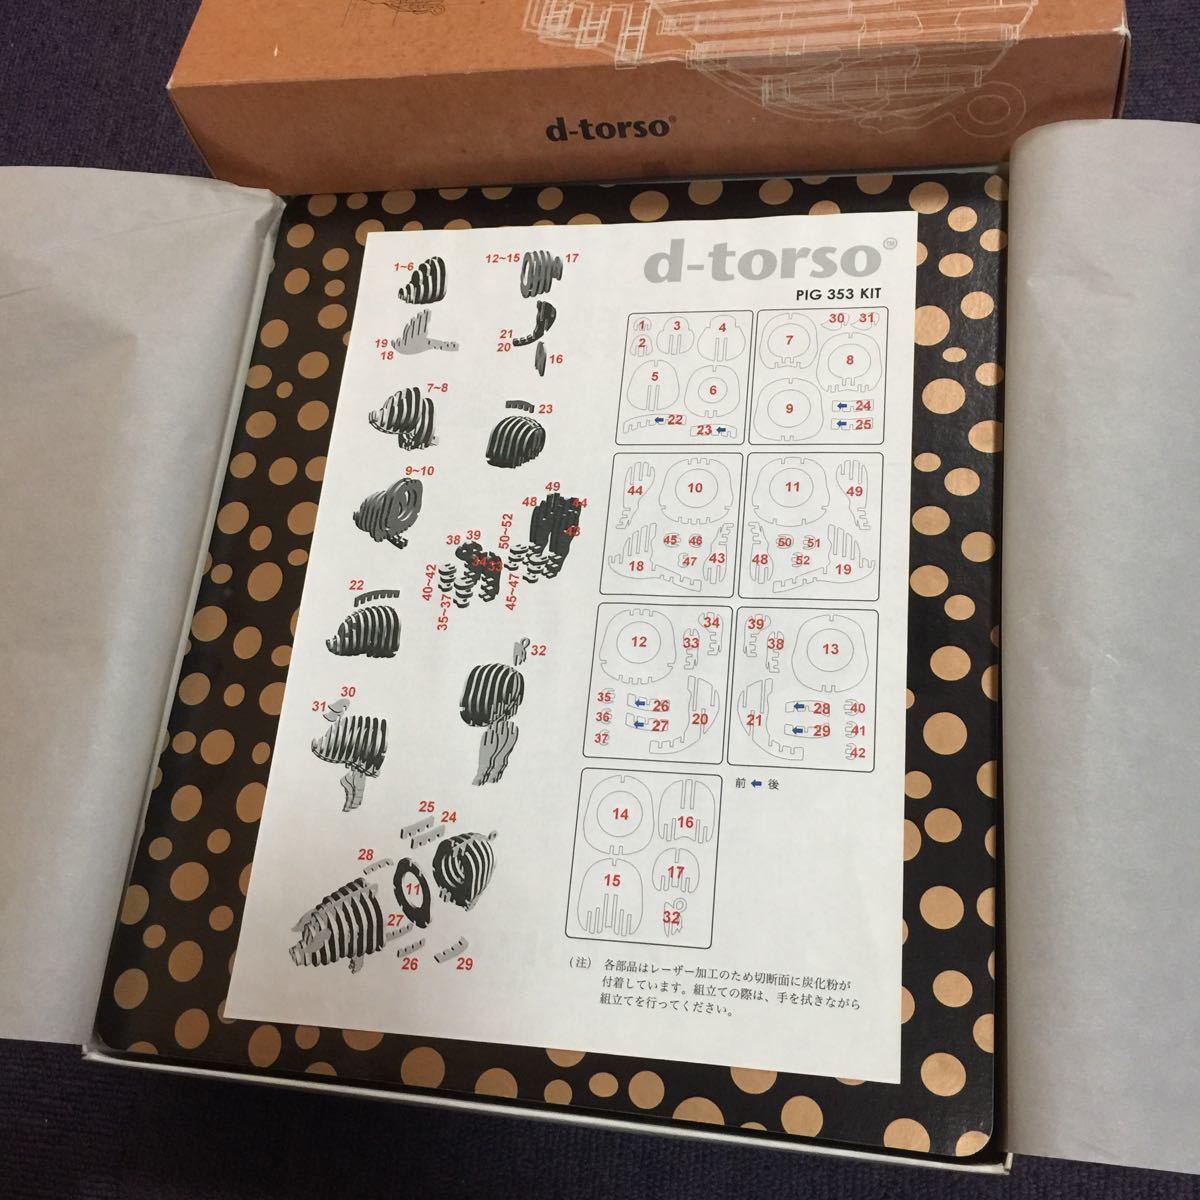 d-torso(ディー・トルソー)「豚段」PIG353 段ボール素材ペーパークラフト 未組立長期保管品 日本製 アキ工作社 希少終売品 黒 レーザー加工_画像3